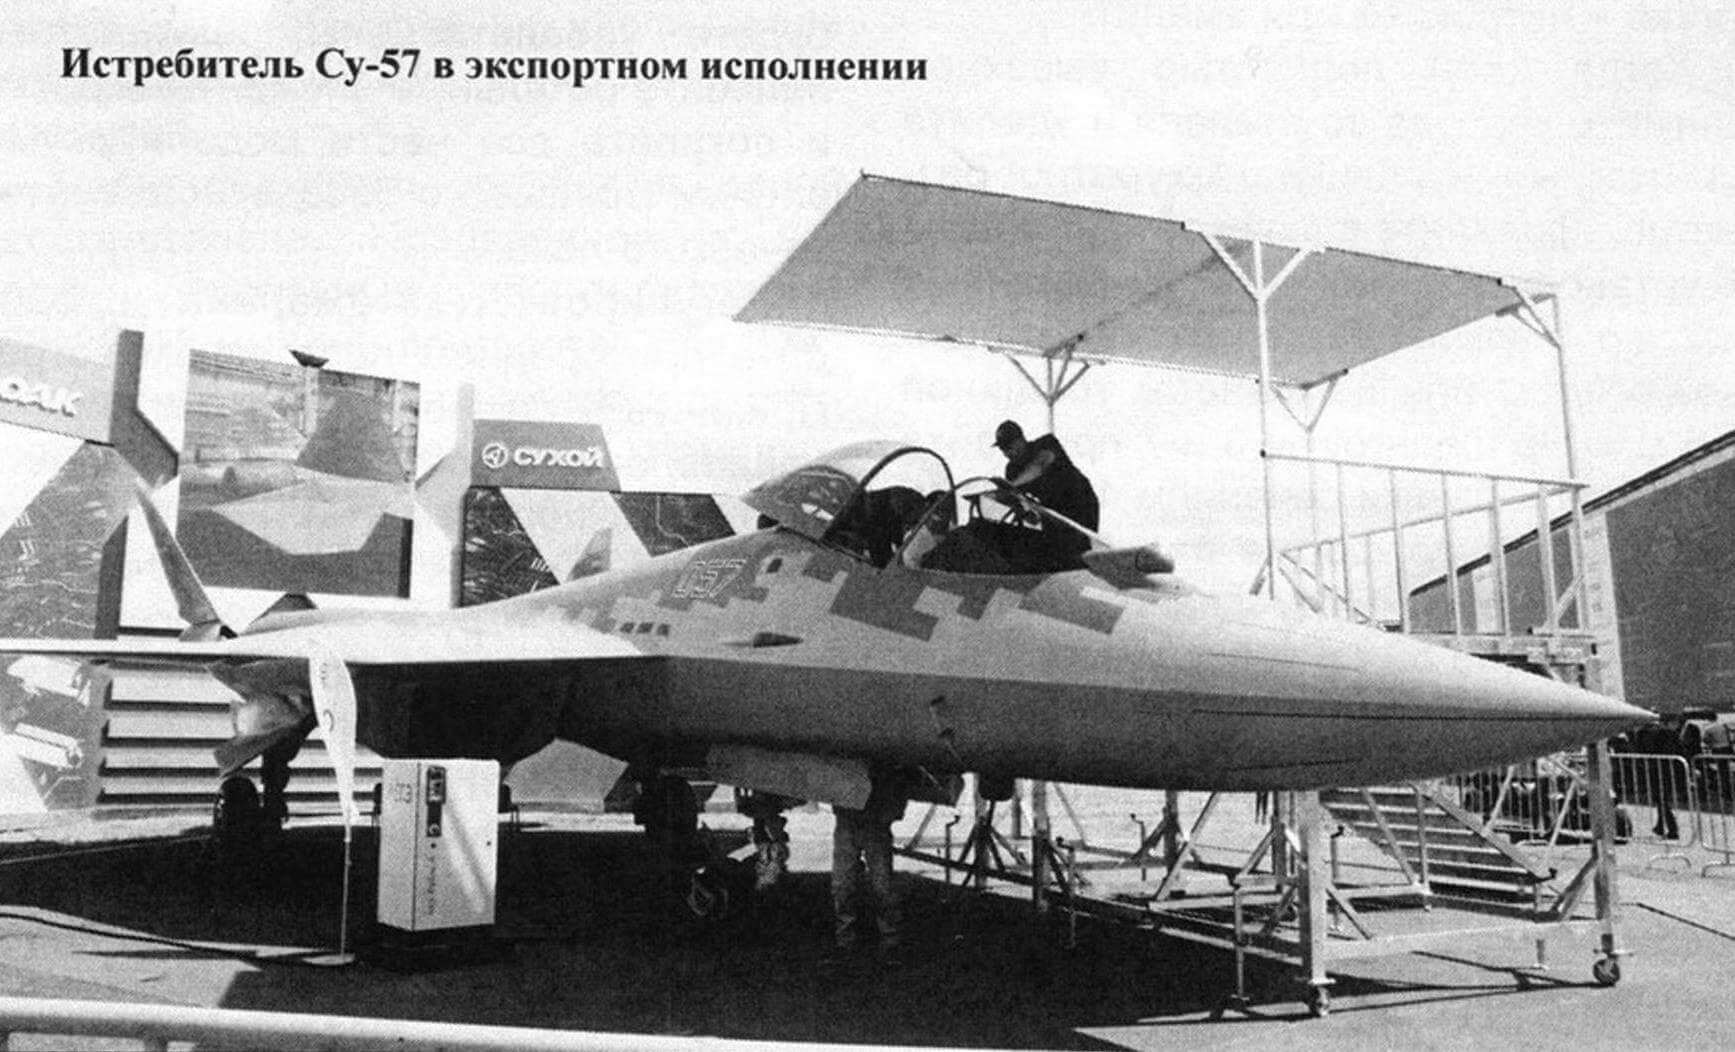 Истребитель Су-57 в экспортном исполнении